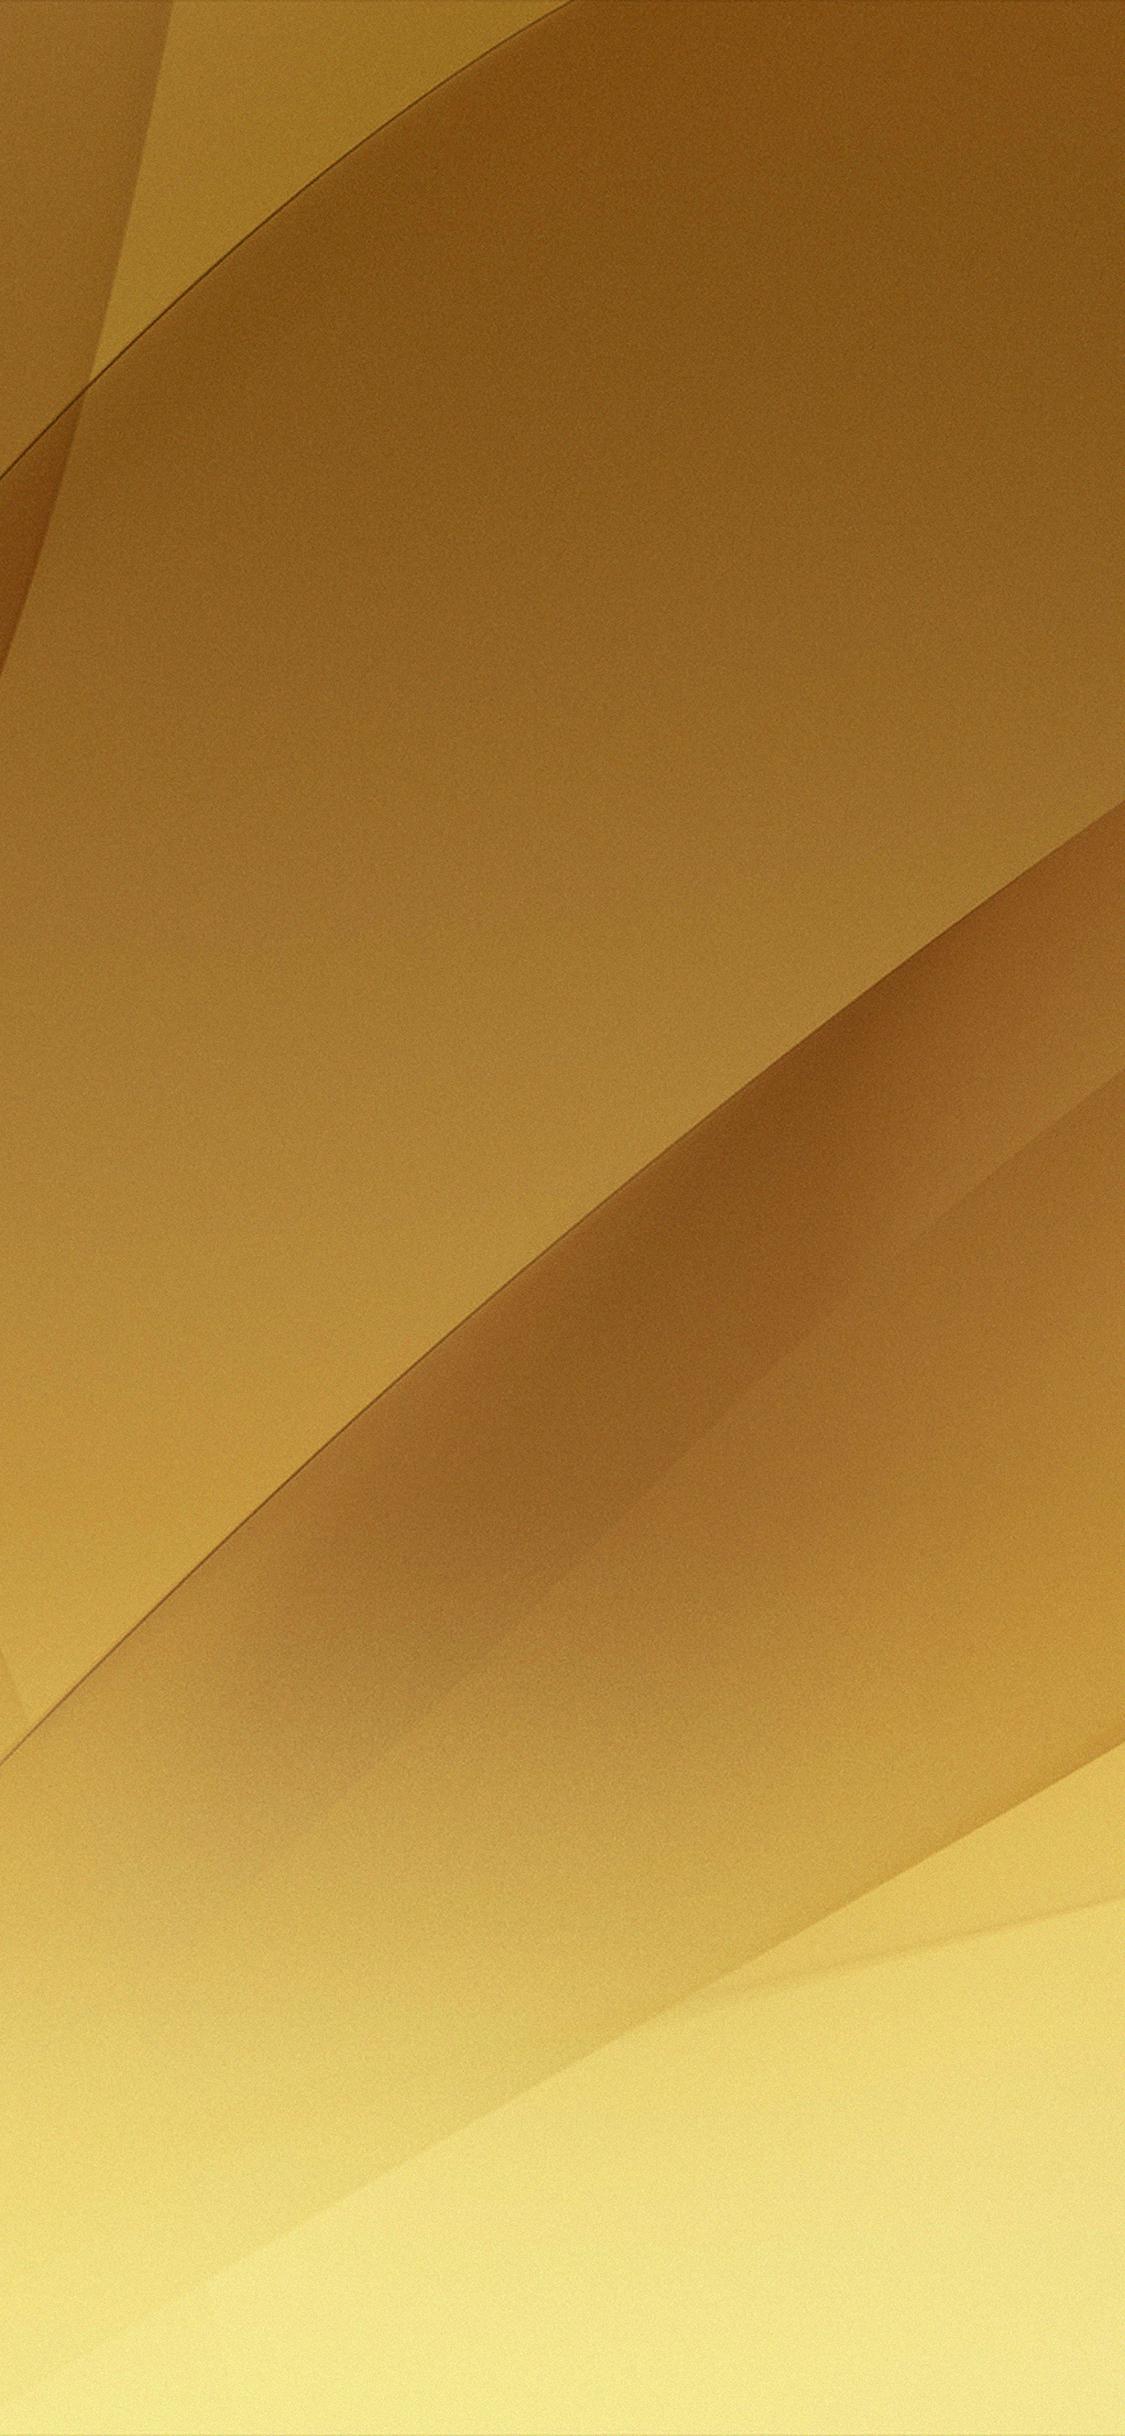 iPhoneXpapers.com-Apple-iPhone-wallpaper-vb54-wallpaper-aqua-gold-pattern